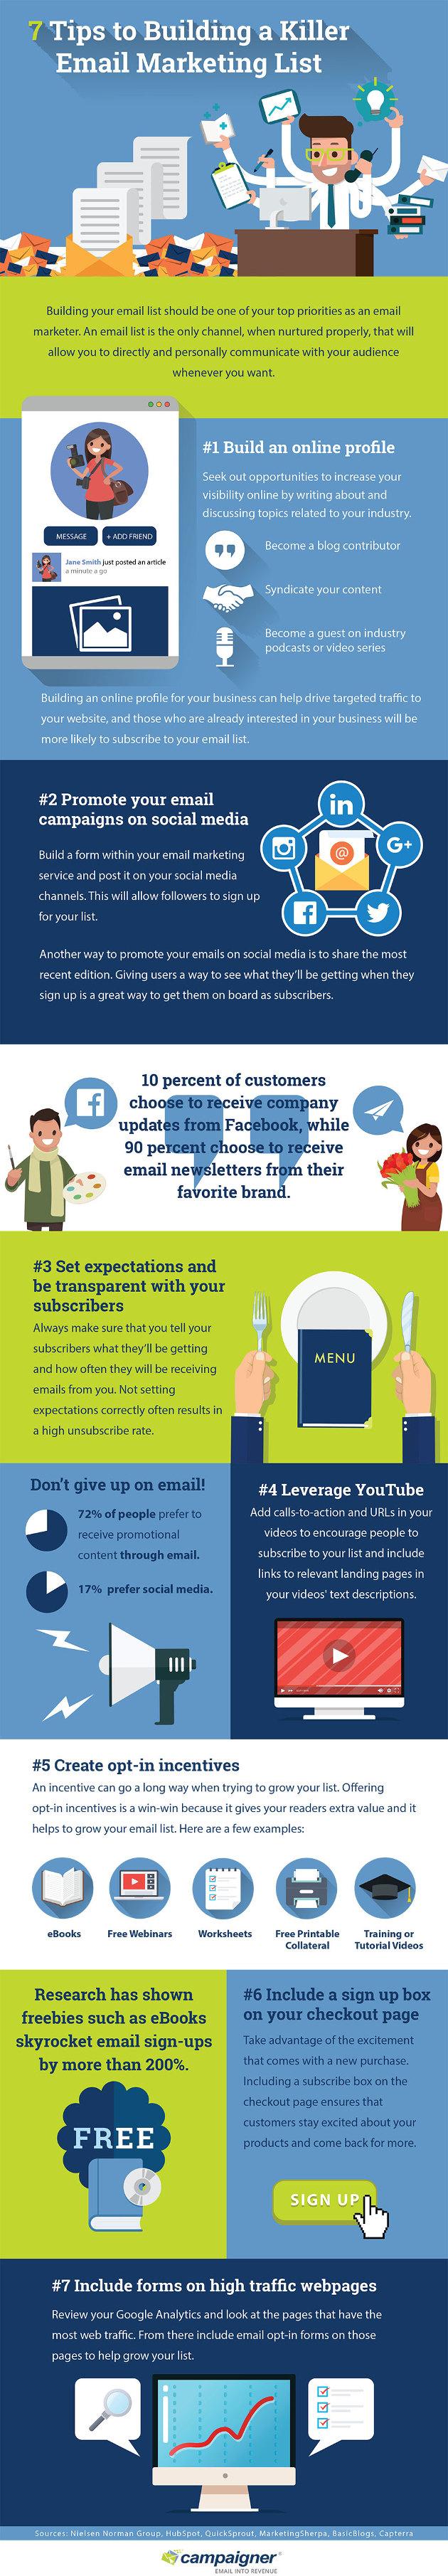 Consigli su come creare una mailing list di successo - infografica